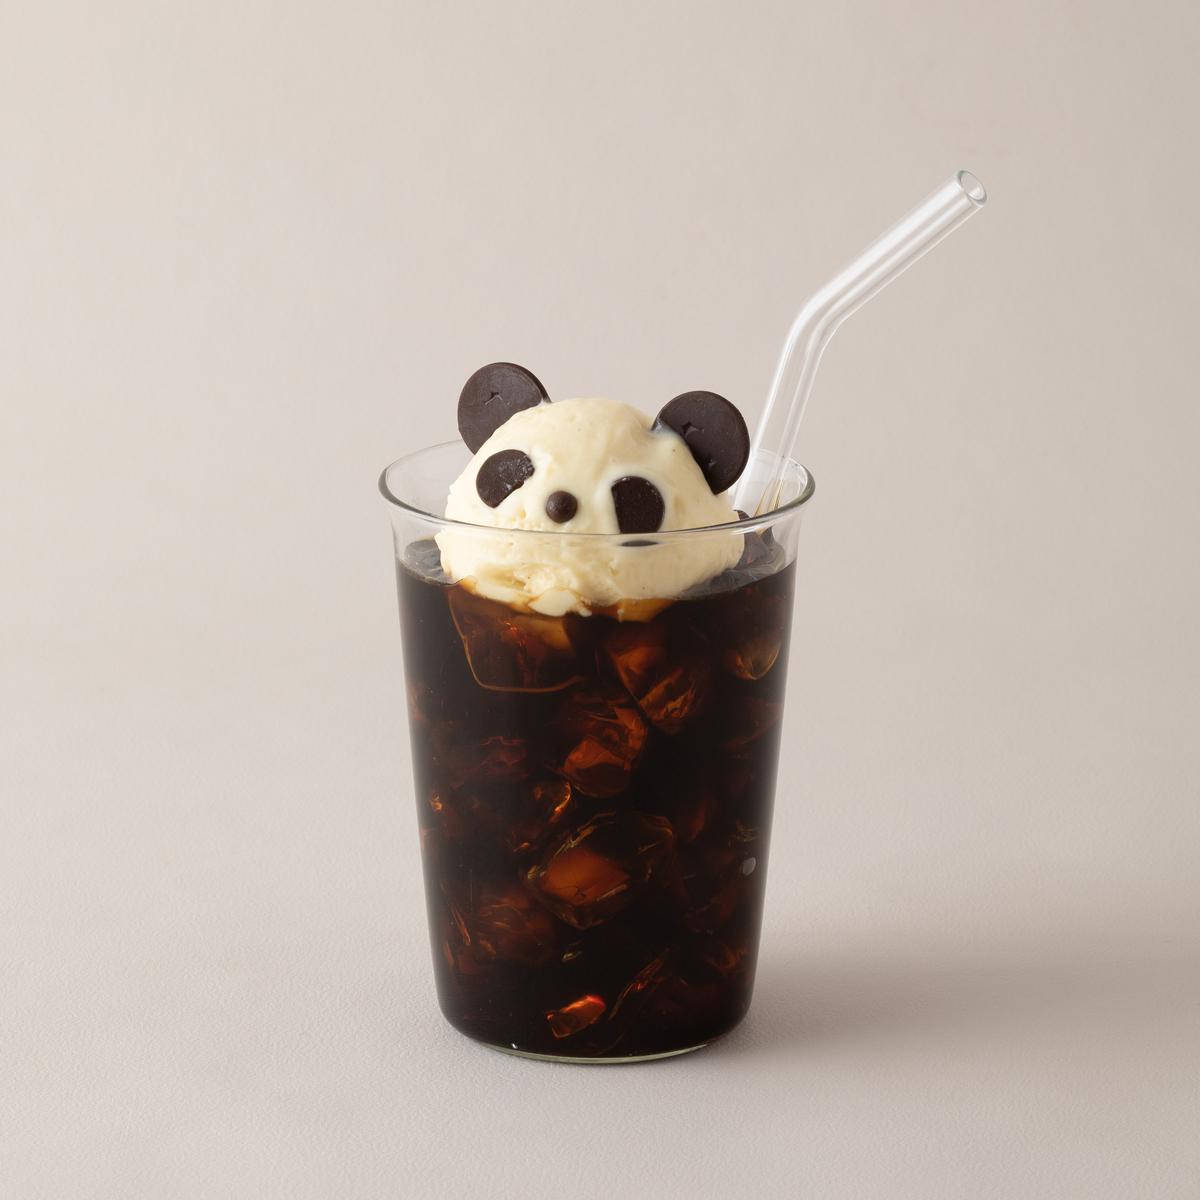 gelato-pique-cafe%e3%82%b7%e3%82%99%e3%82%a7%e3%83%a9%e3%83%bc%e3%83%88-%e3%83%92%e3%82%9a%e3%82%b1-%e3%82%ab%e3%83%95%e3%82%a710